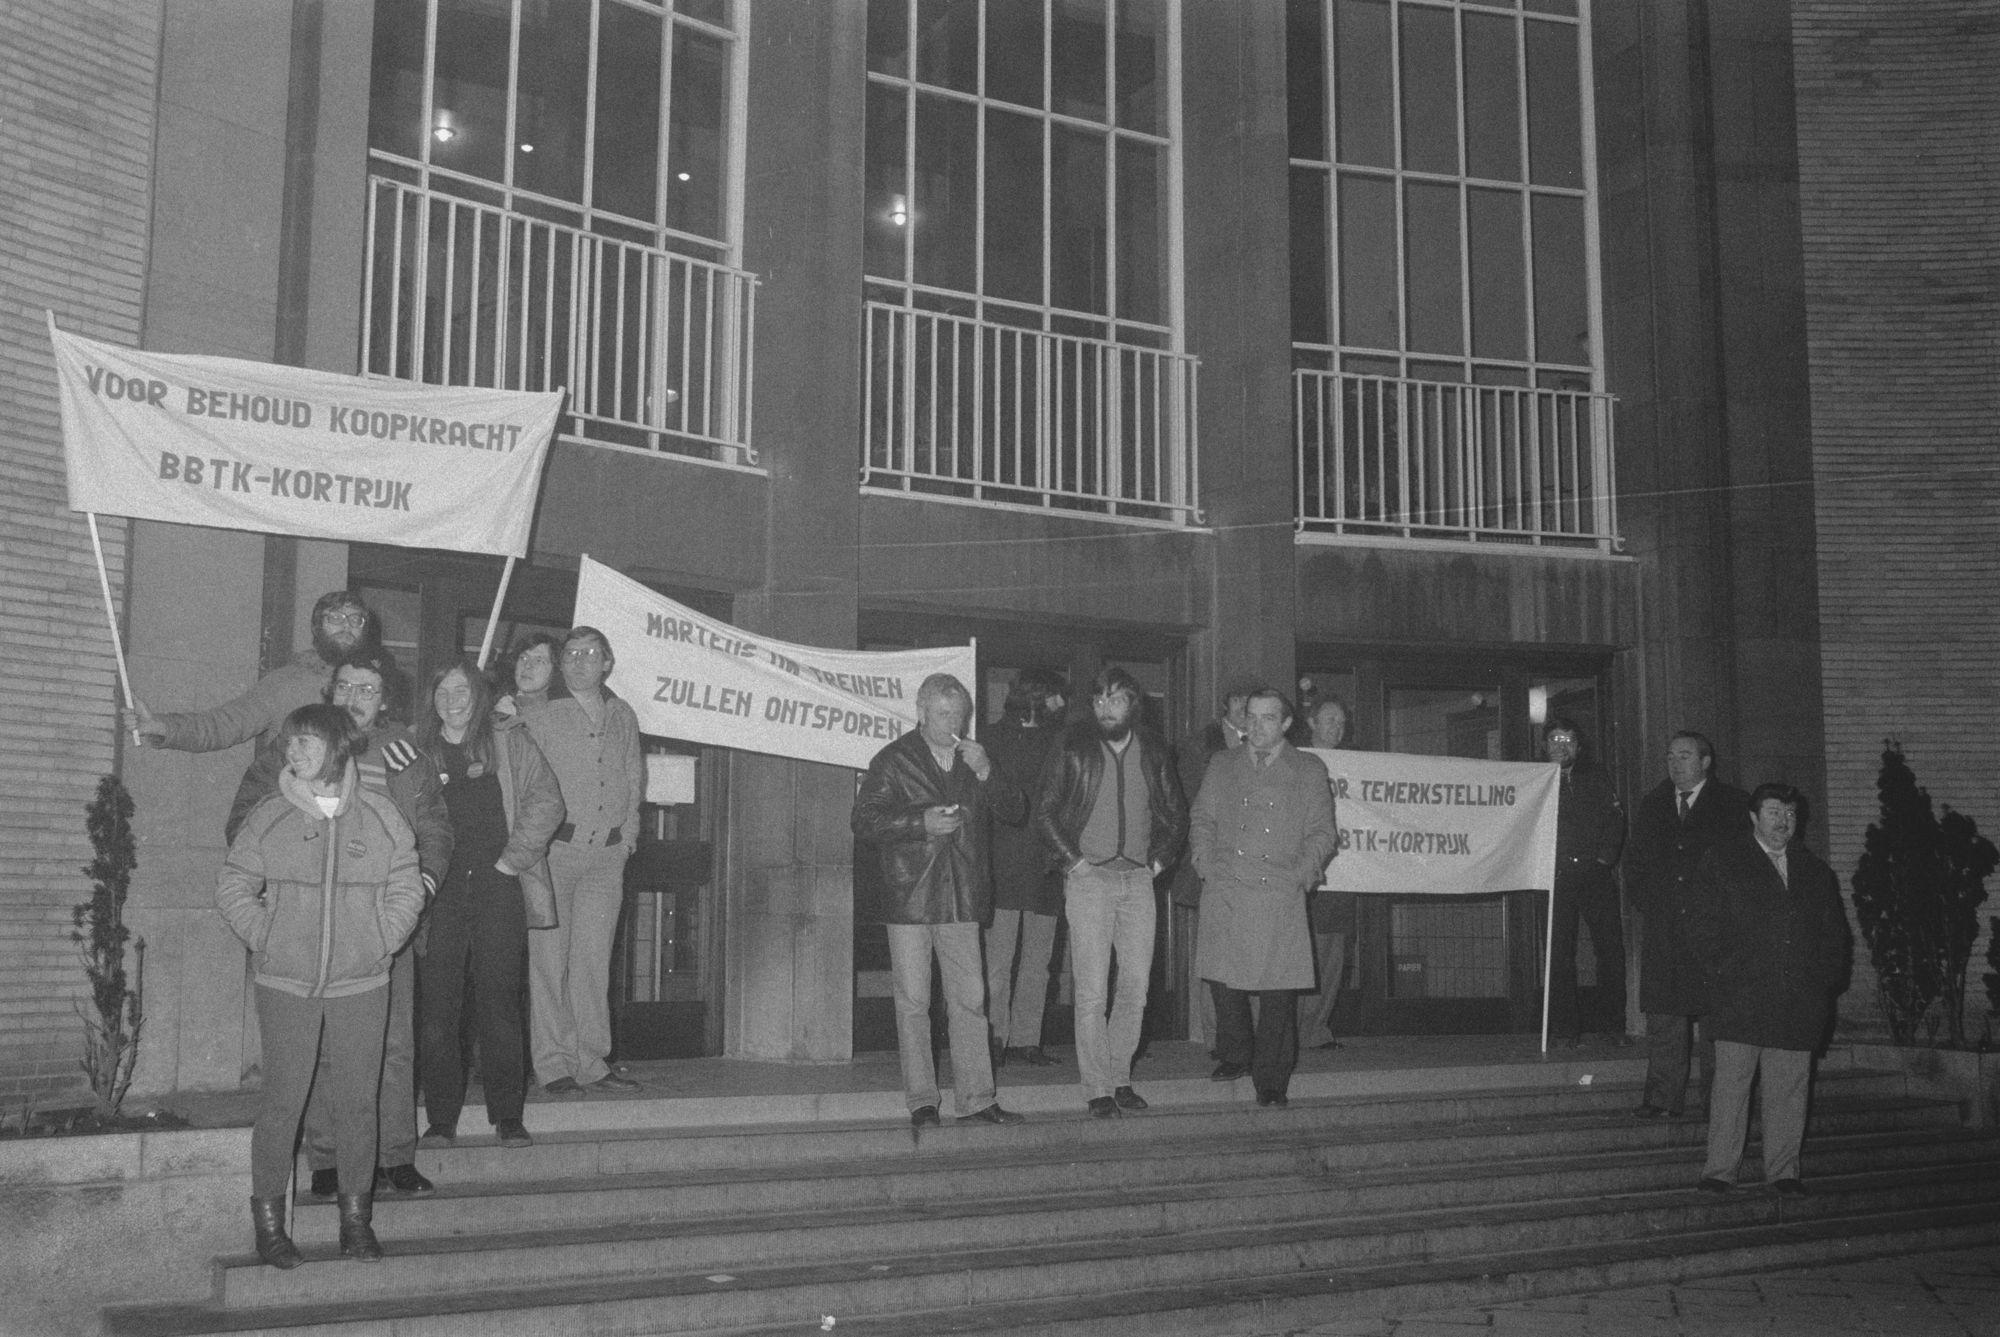 Betoging BBTK in maart 1982